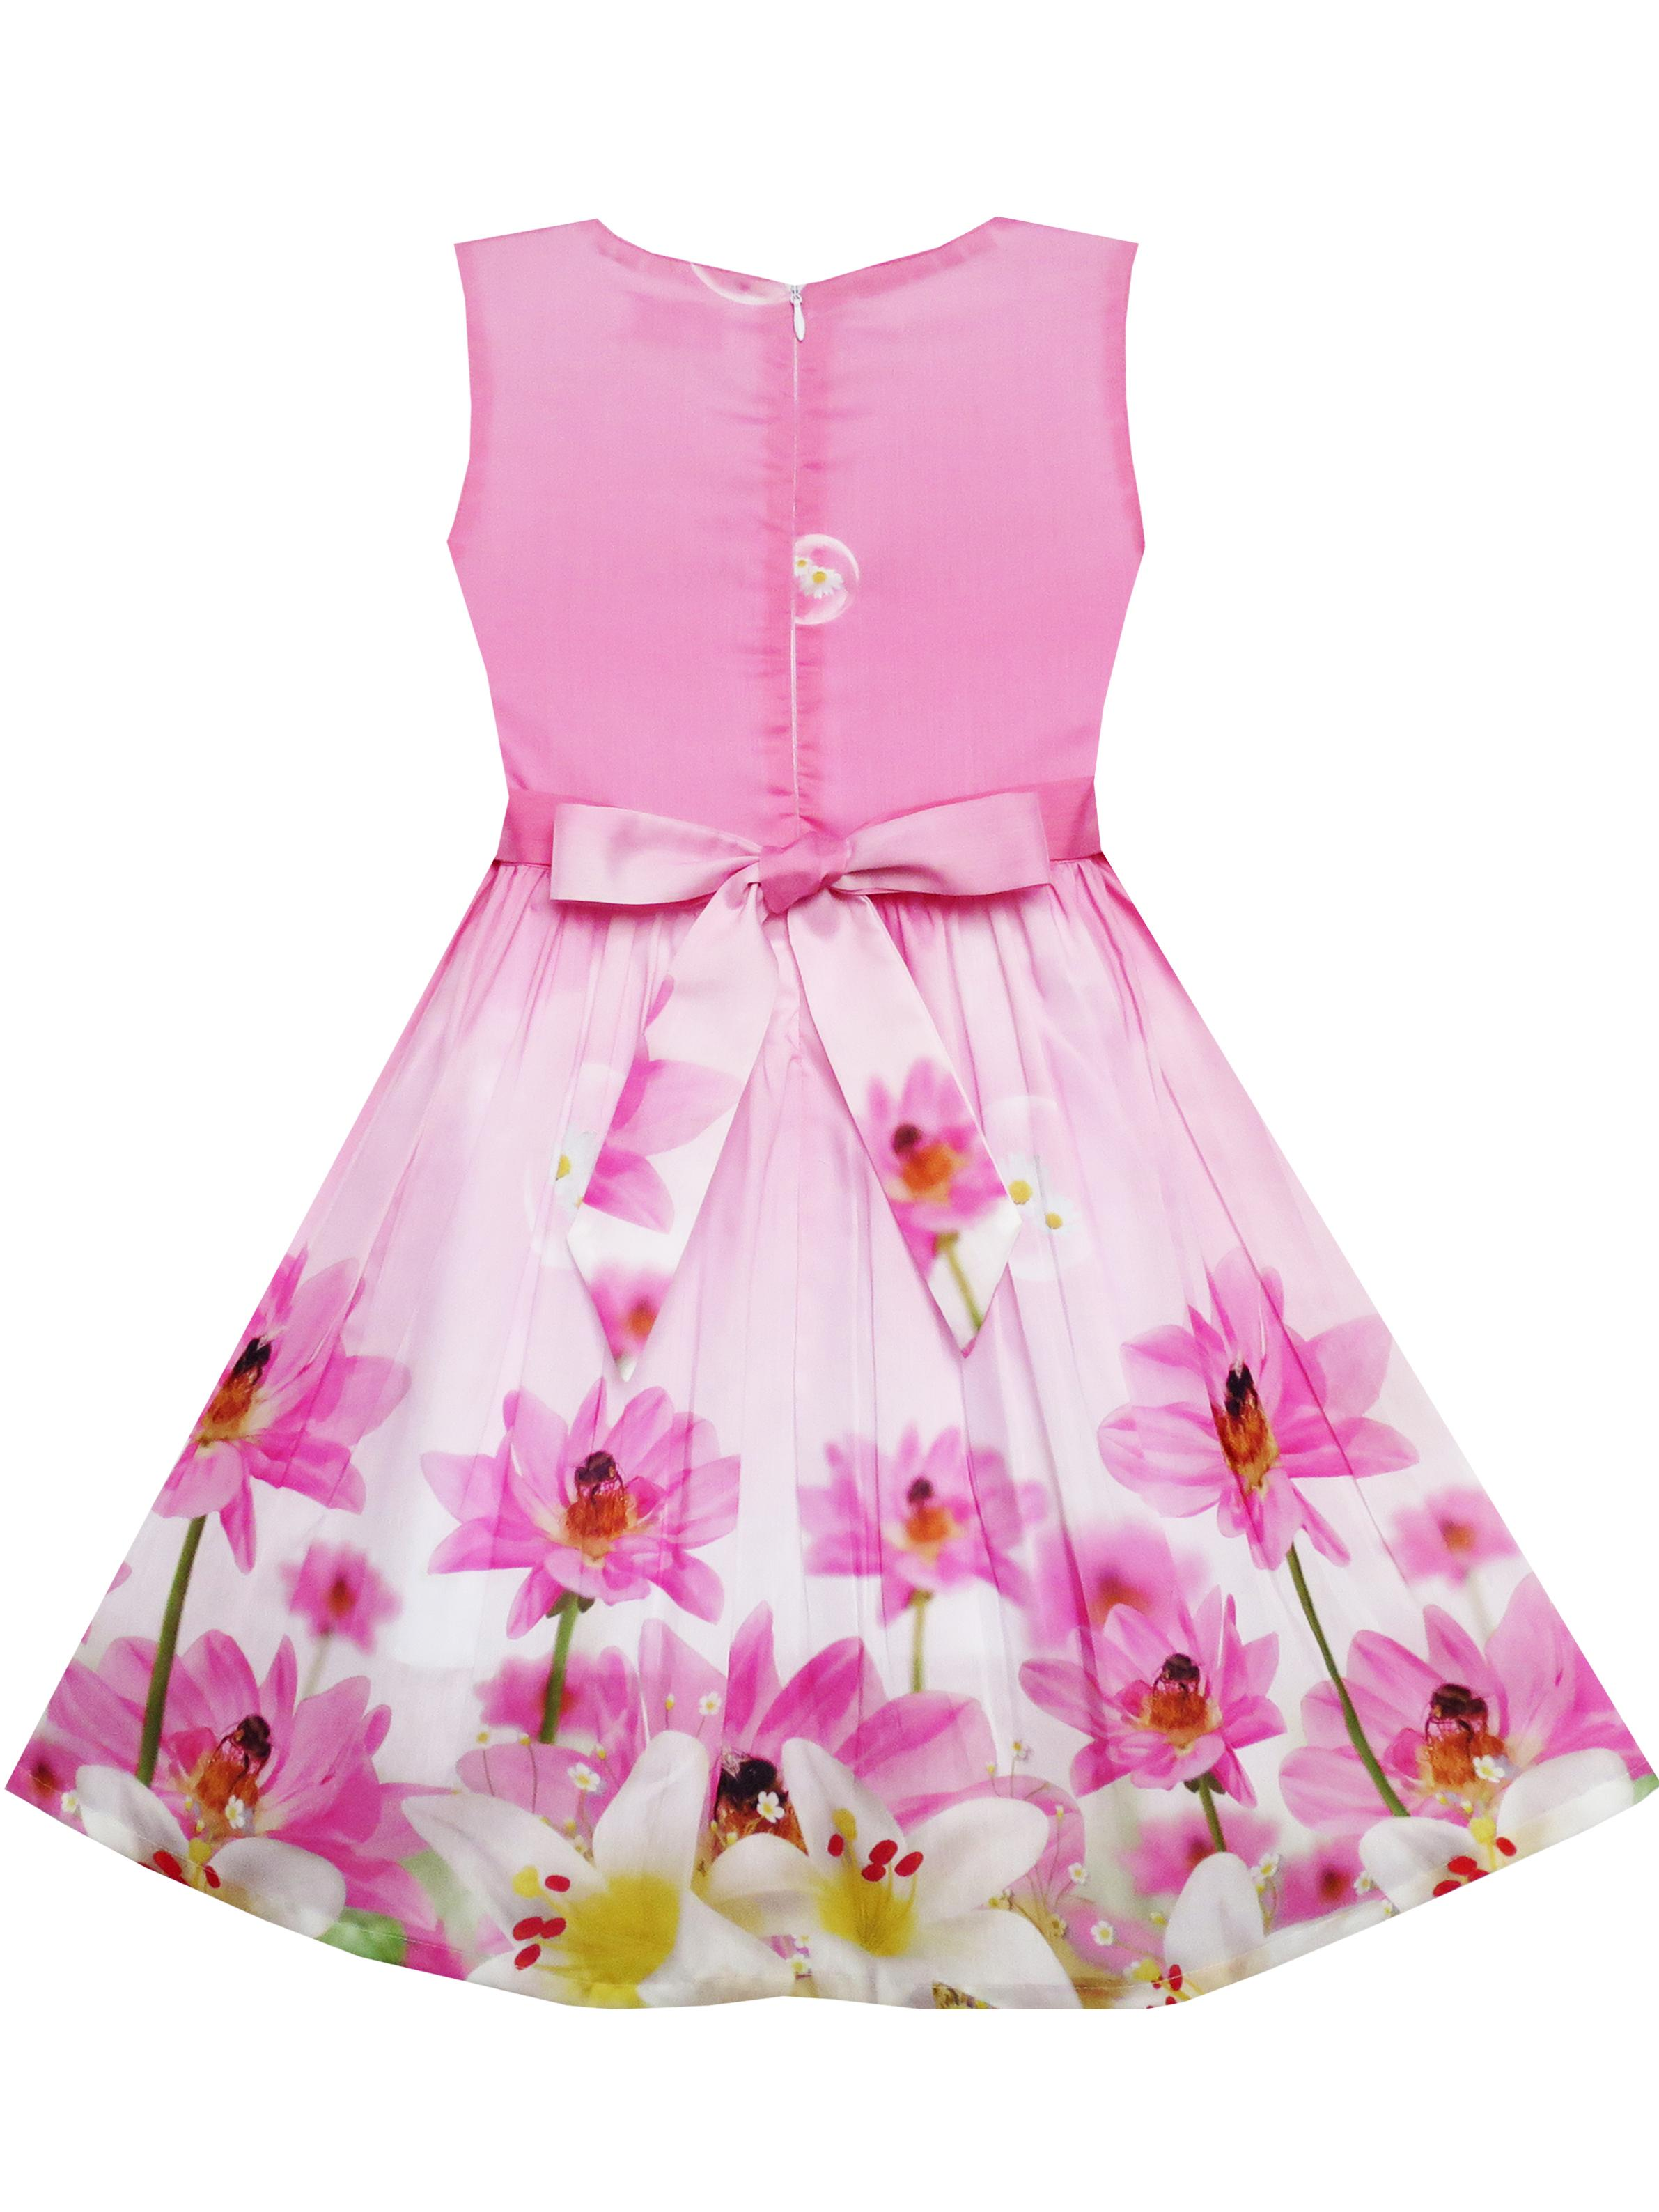 333a5d6e9171f Sunny Fashion - Girls Dress Sunflower Bubble Lily Flower Garden ...